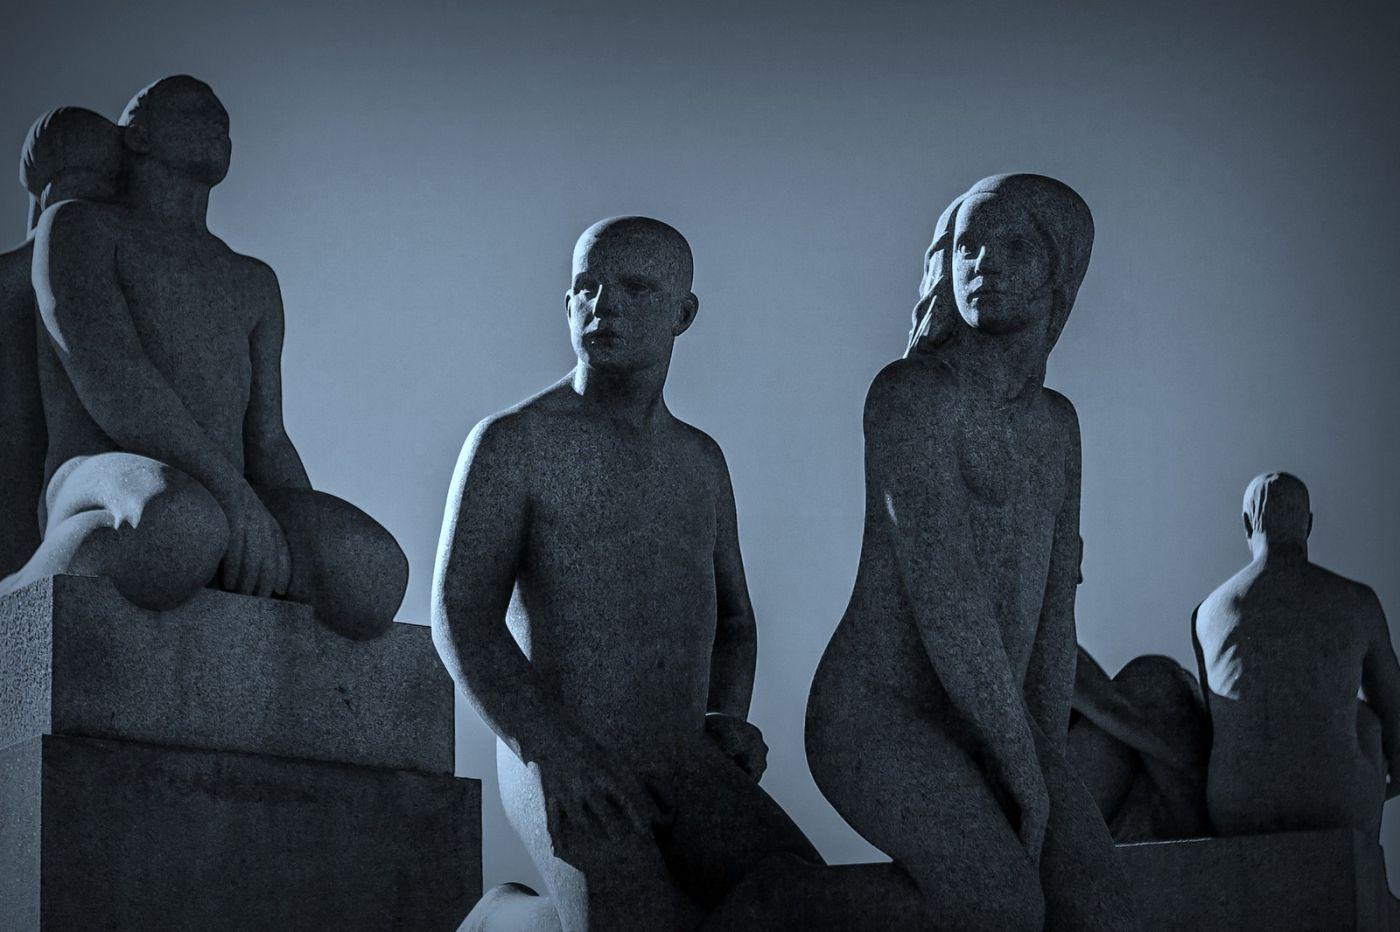 挪威维格兰雕塑公园,艺术的确来自生活_图1-18